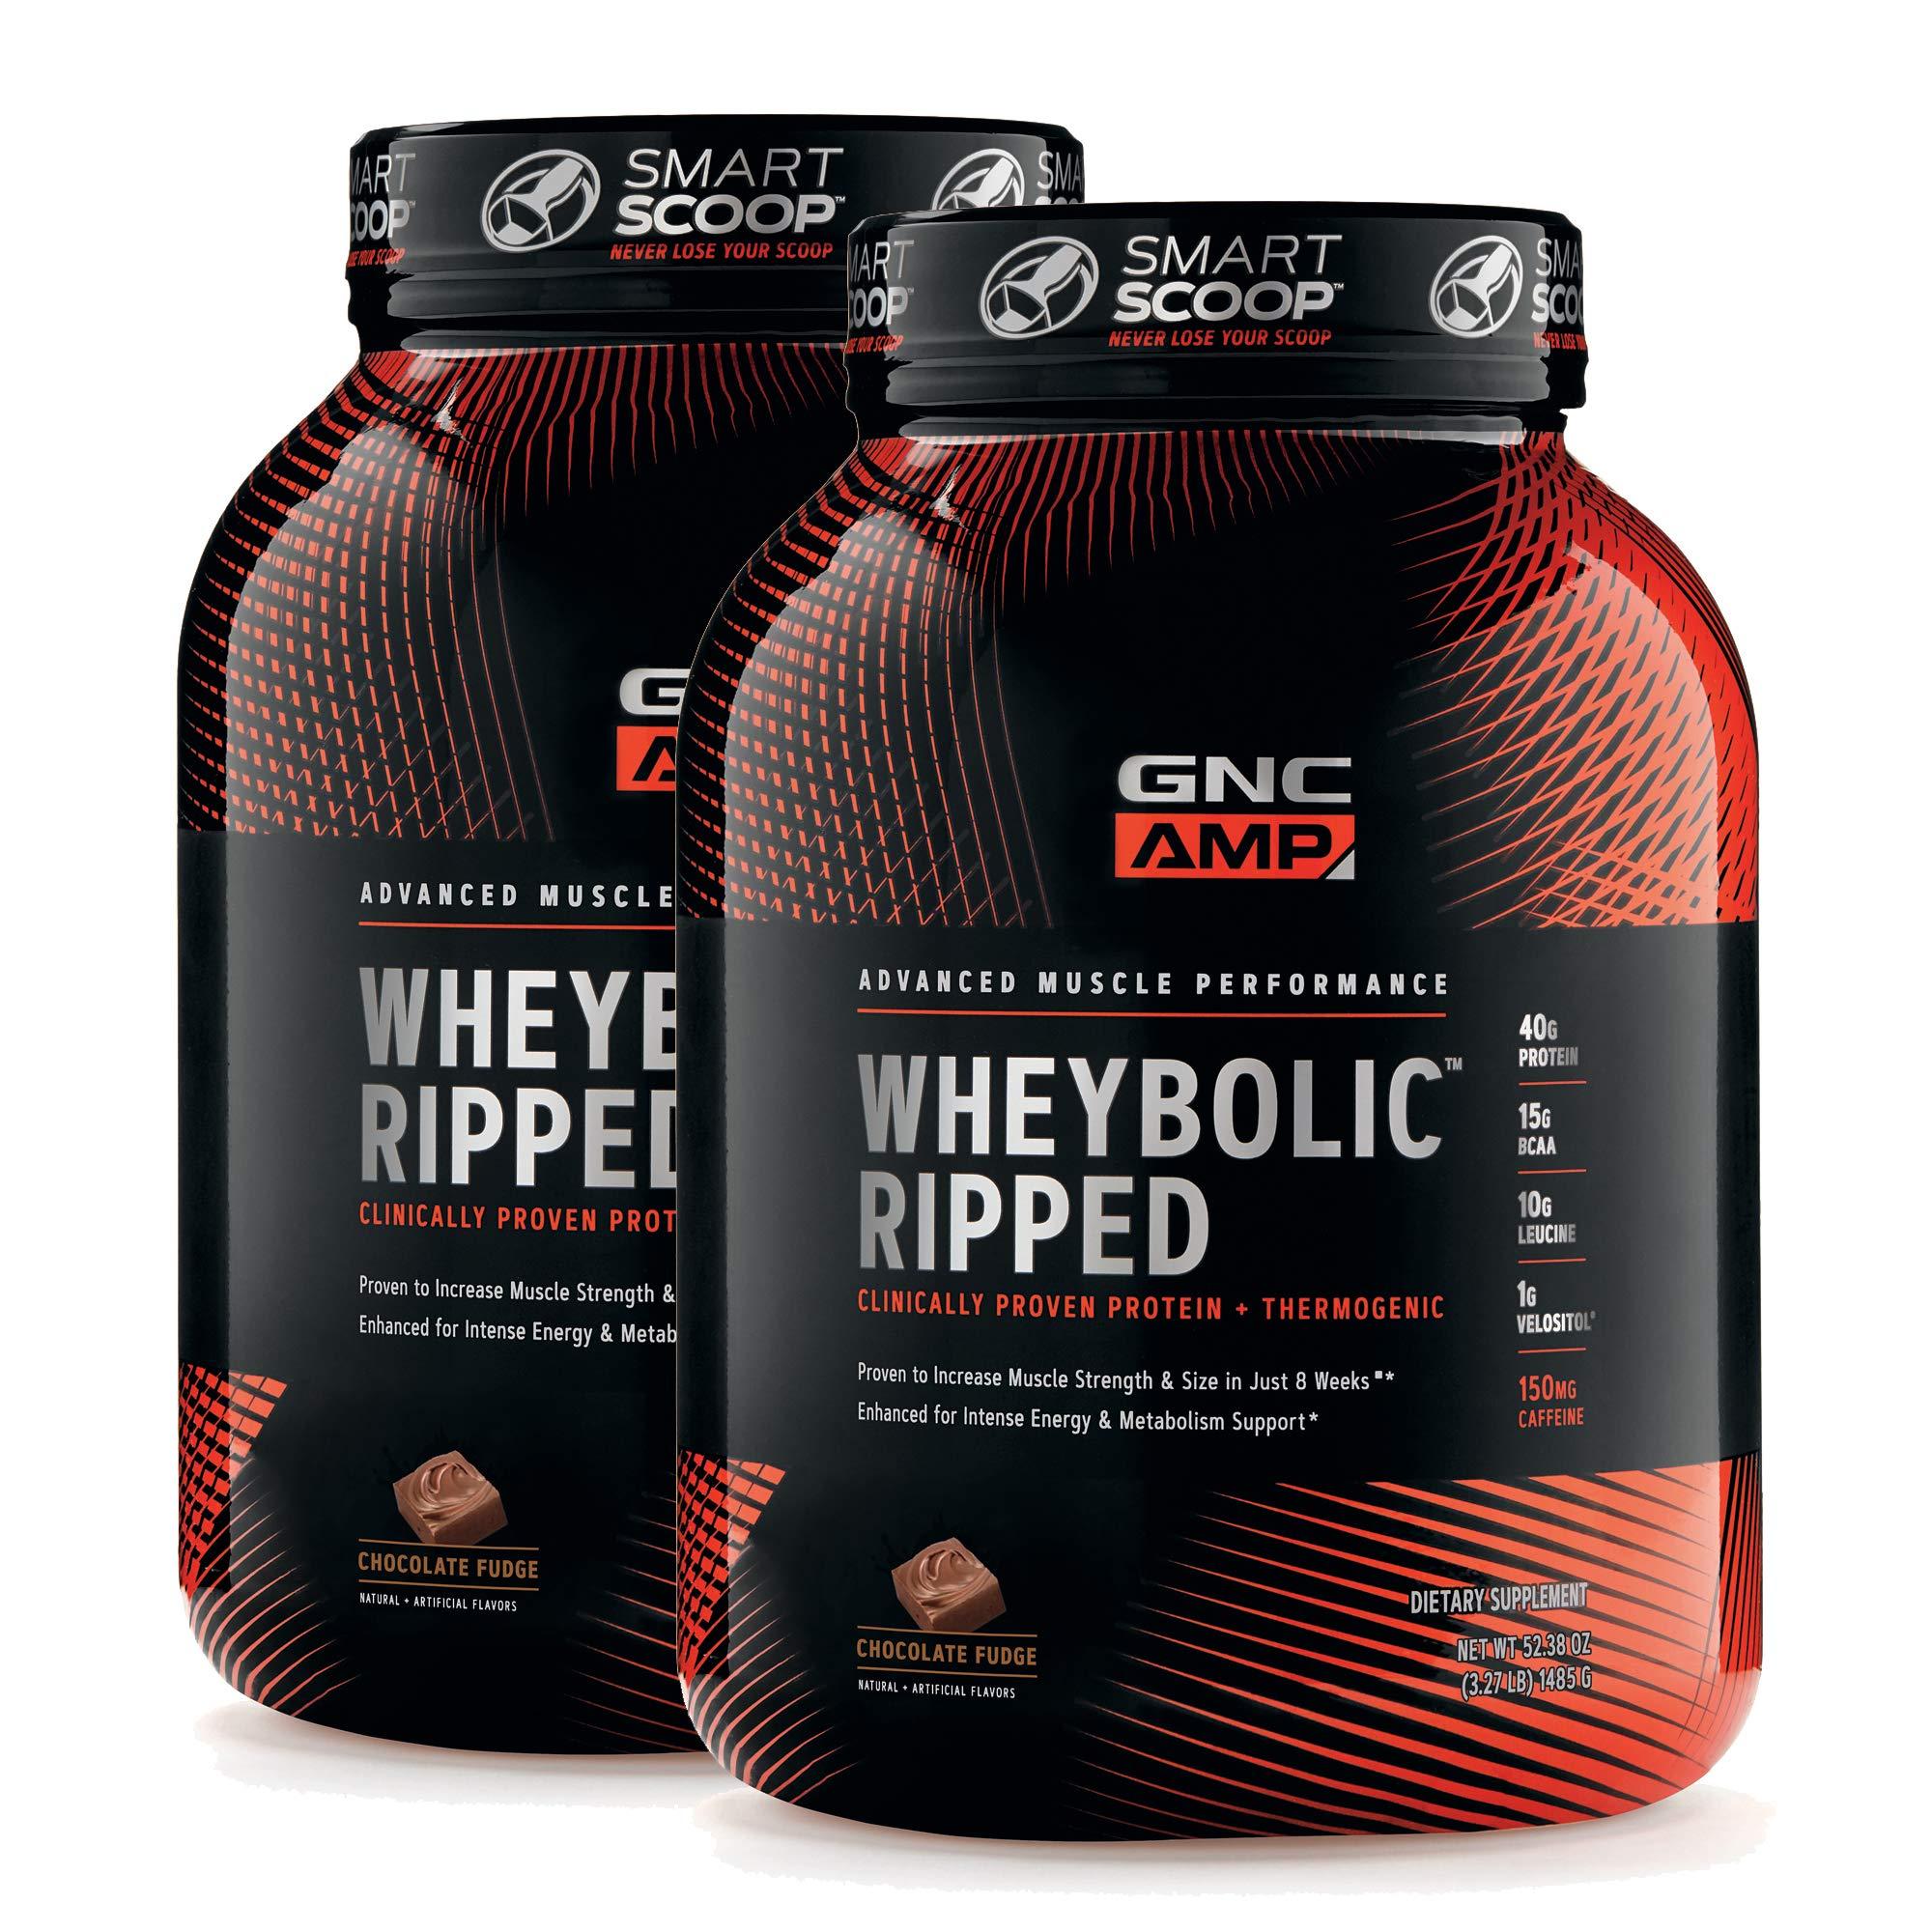 GNC AMP Wheybolic Ripped - Chocolate Fudge - Twin Pack